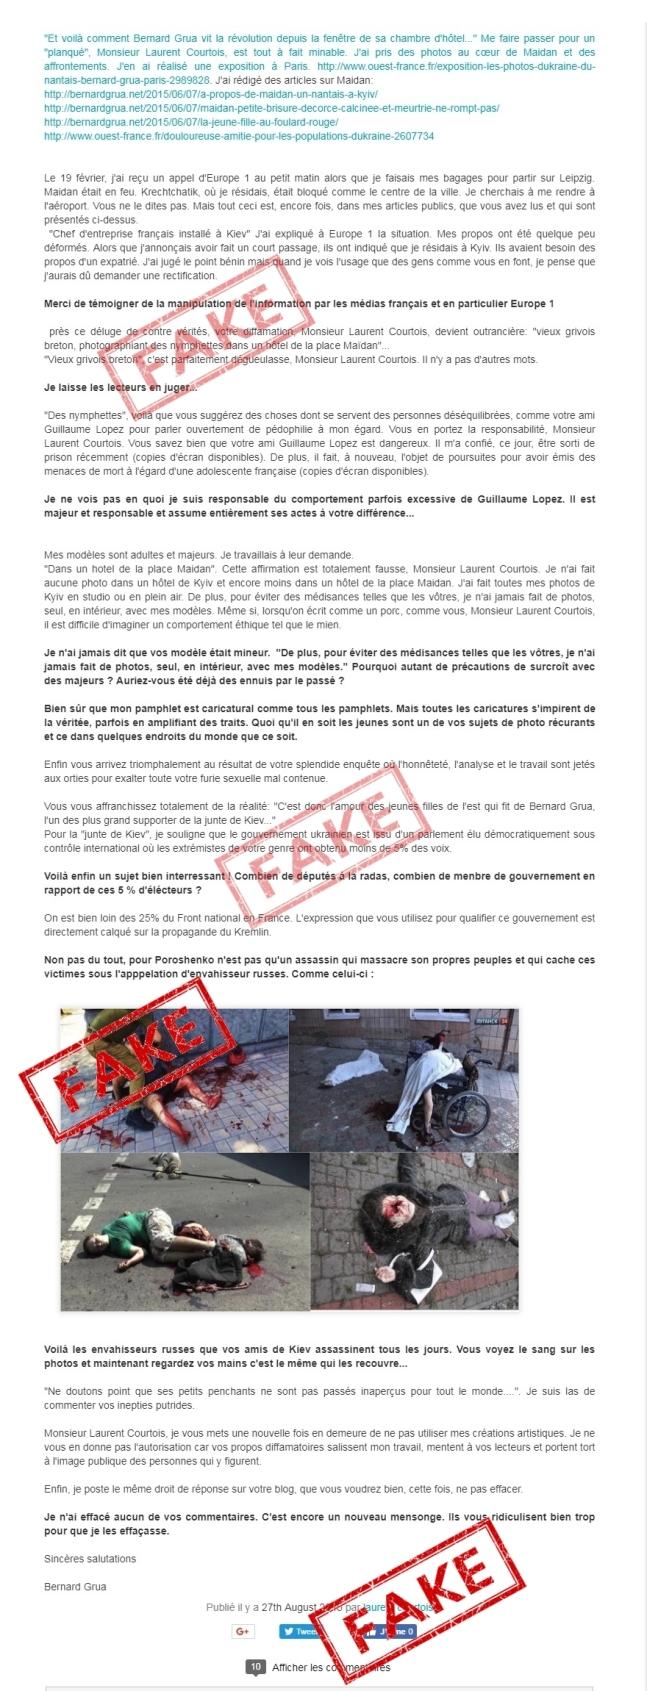 Comment Bernard Grua pris fait et cause pour l Ukraine DroitRep1 Laurent Courtois Donetsk Novorossia Agoravox